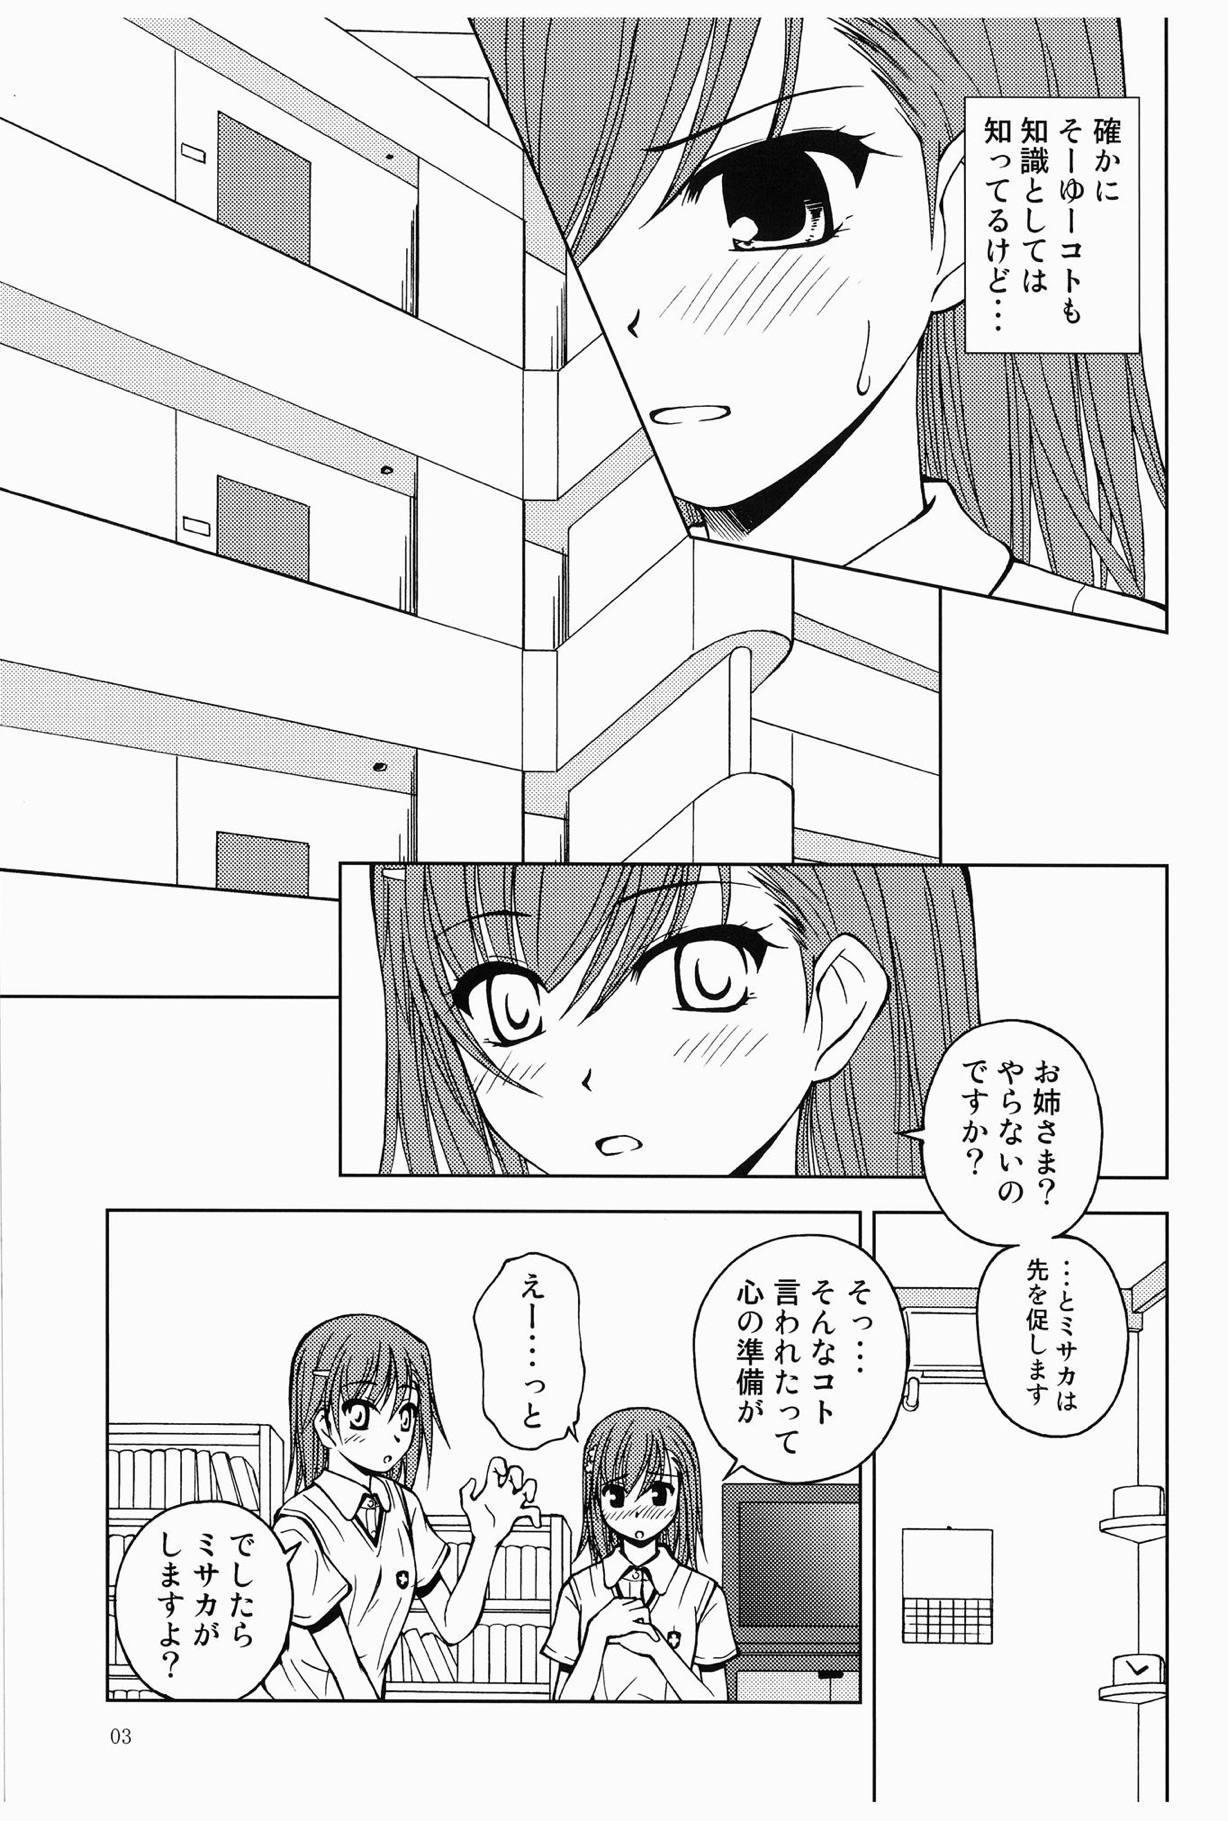 Touma to Misaka to Railgun 1